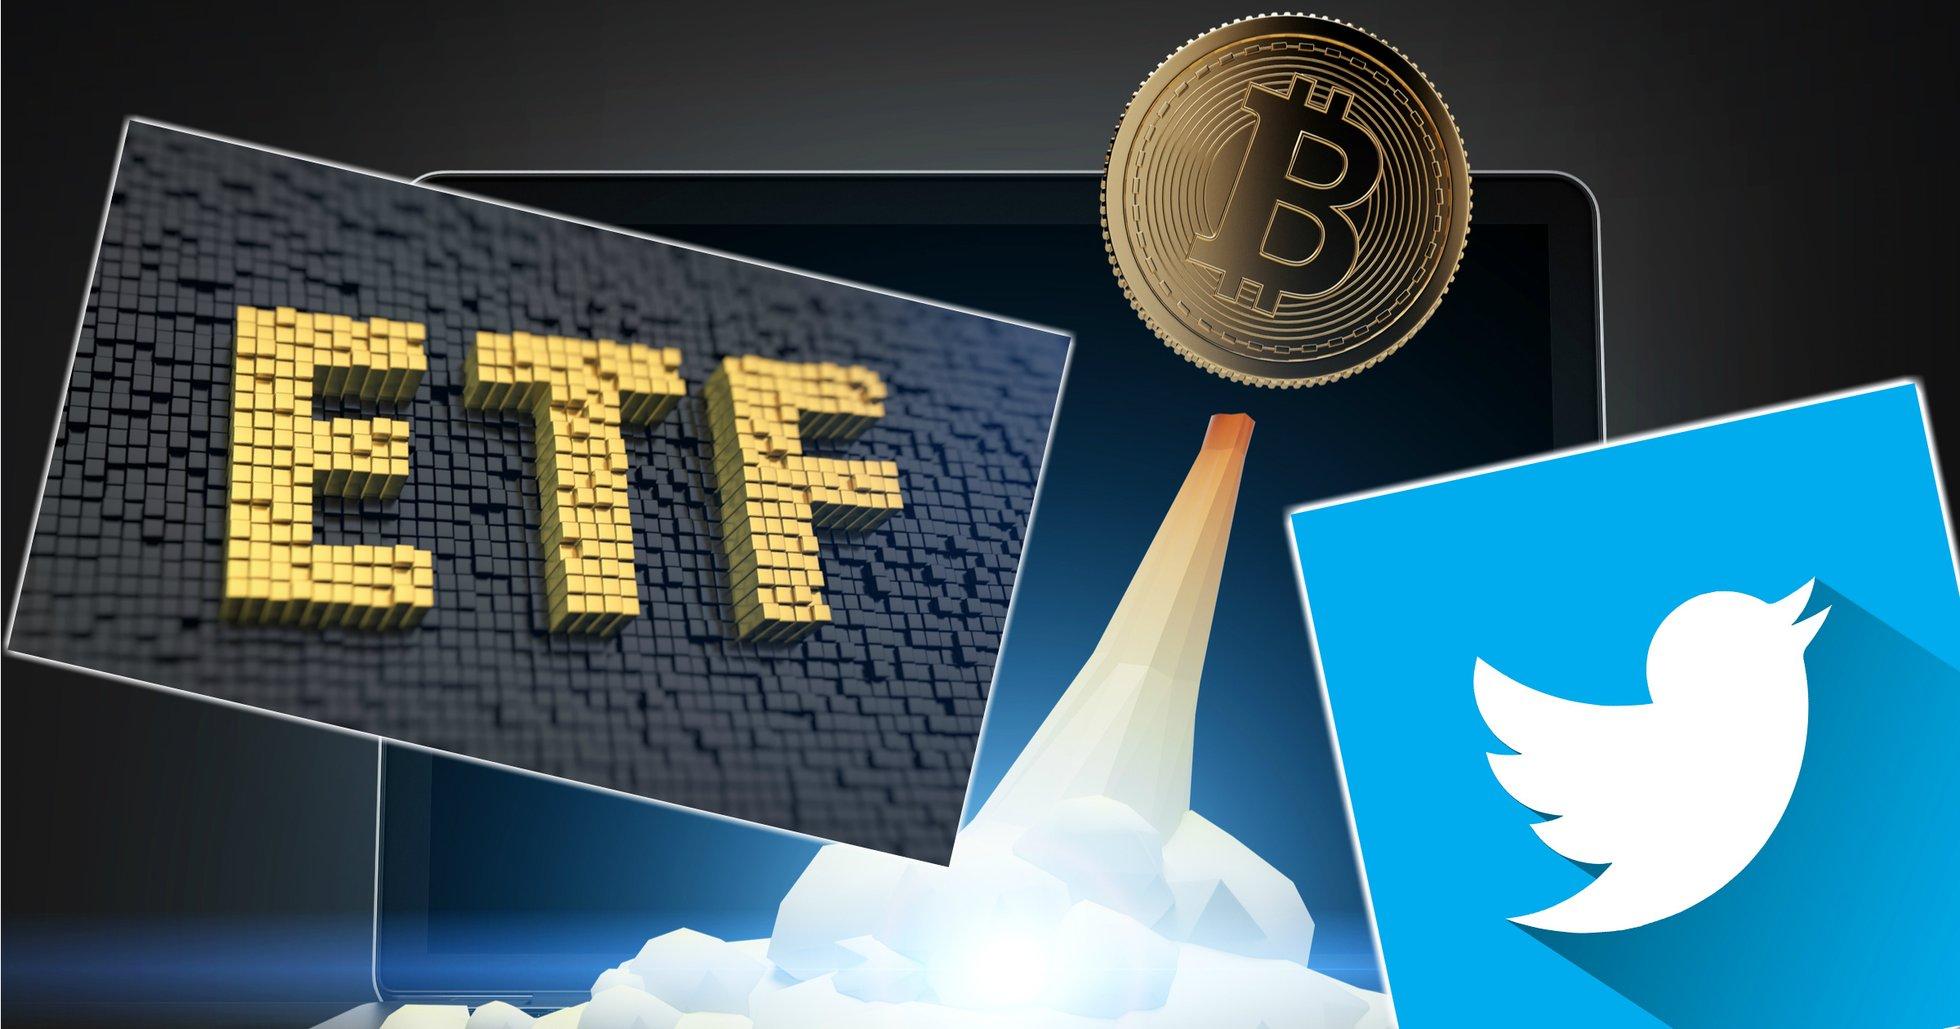 Kryptoanalytiker: Uppenbart att bitcoin är på väg att explodera i pris.